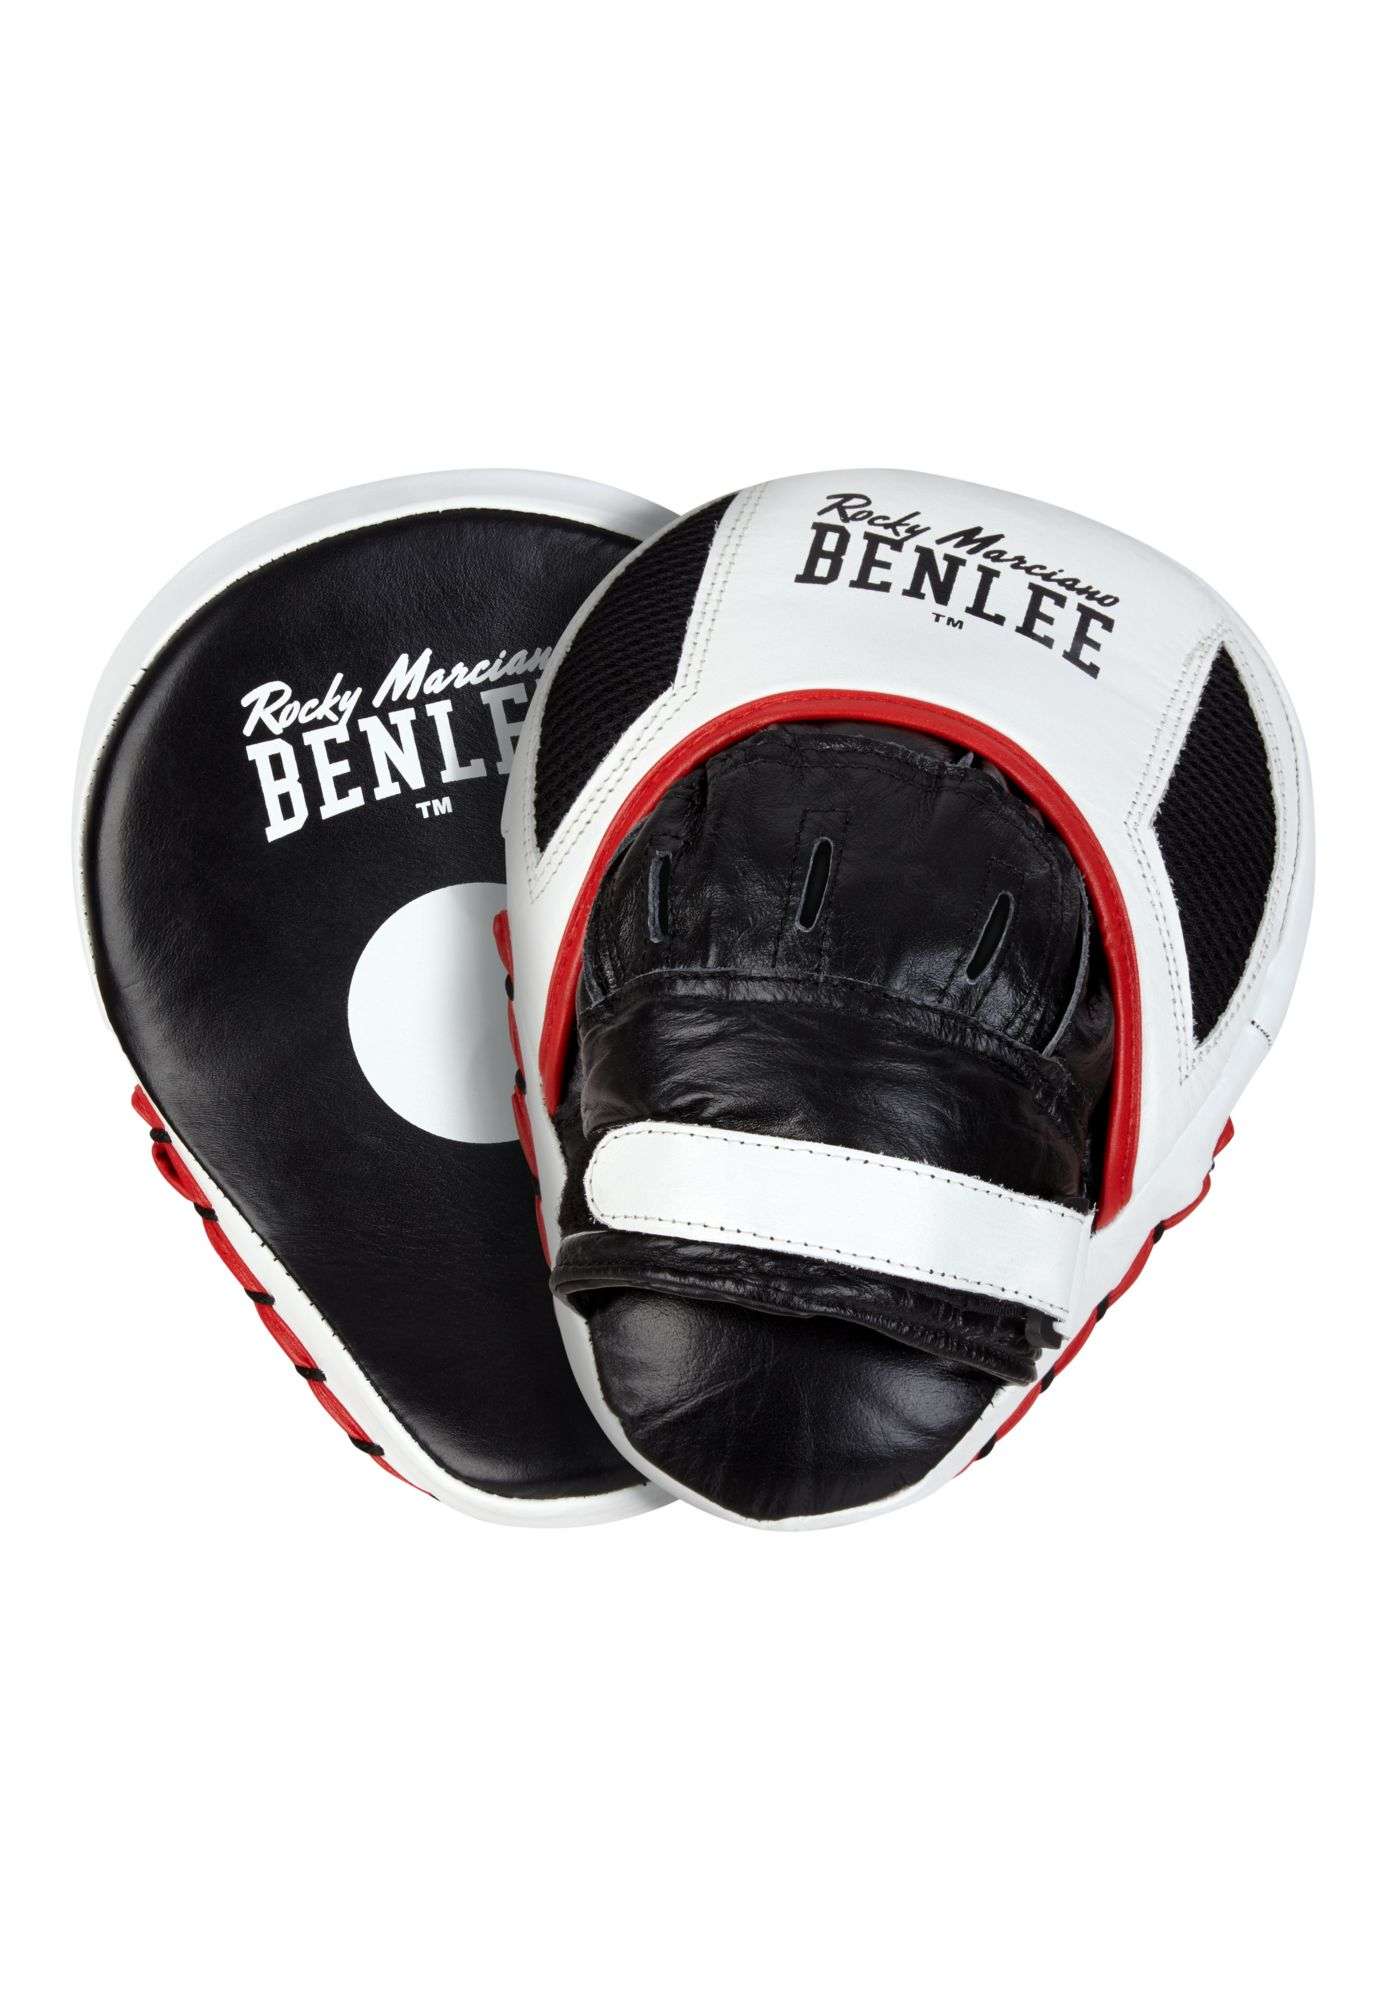 BENLEE ROCKY MARCIANO Benlee Rocky Marciano Pratzen »BEXLEY«